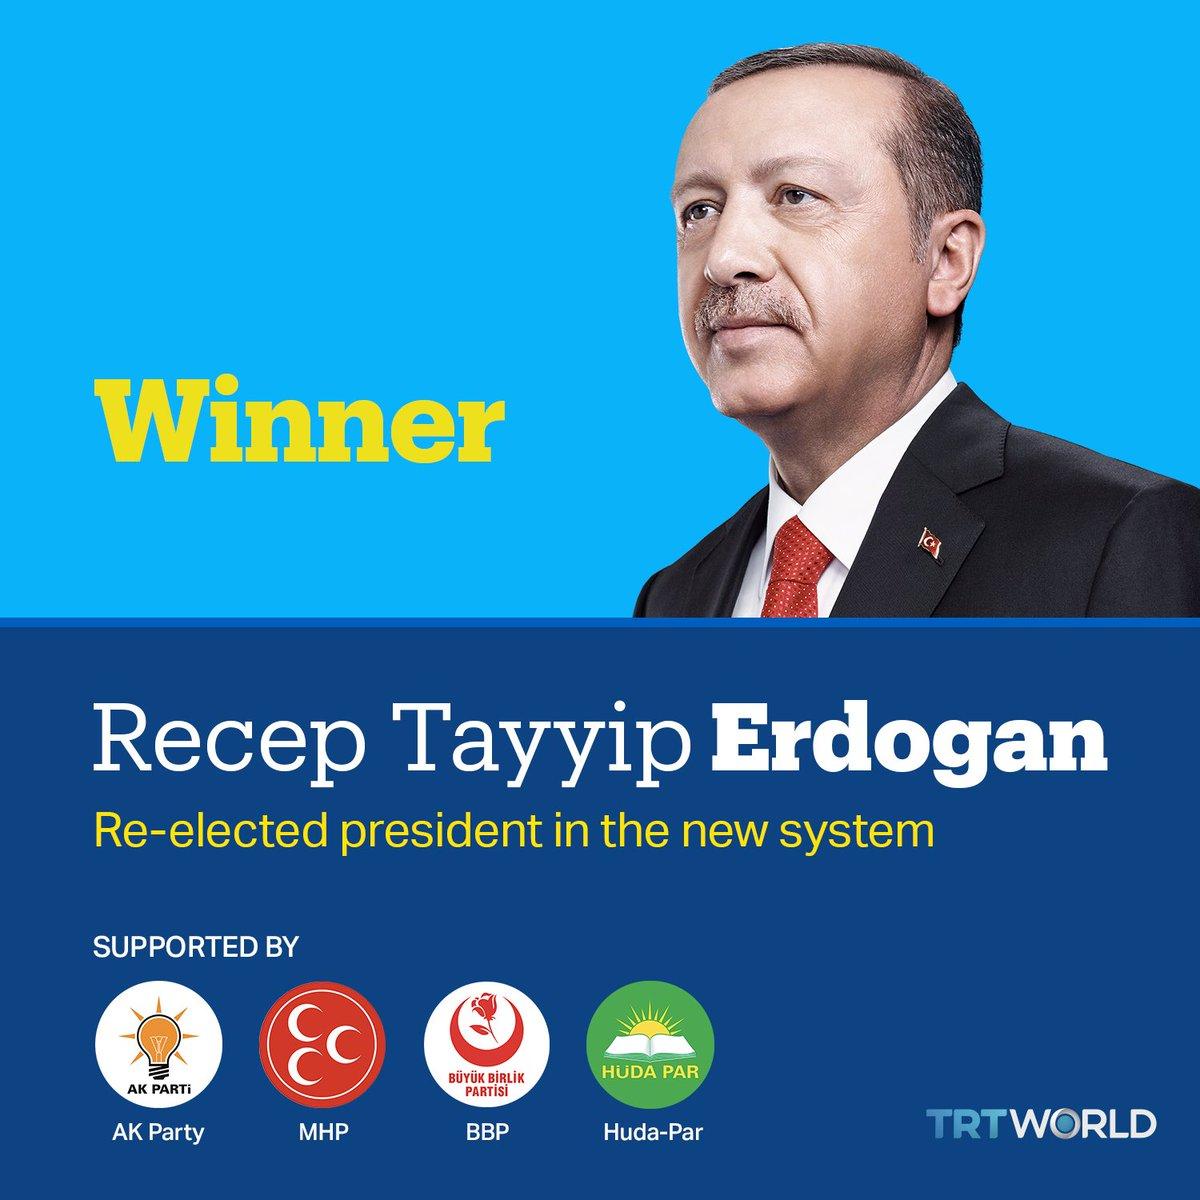 埃尔多安宣布赢得土耳其大选!里拉冲高回落走势跌宕